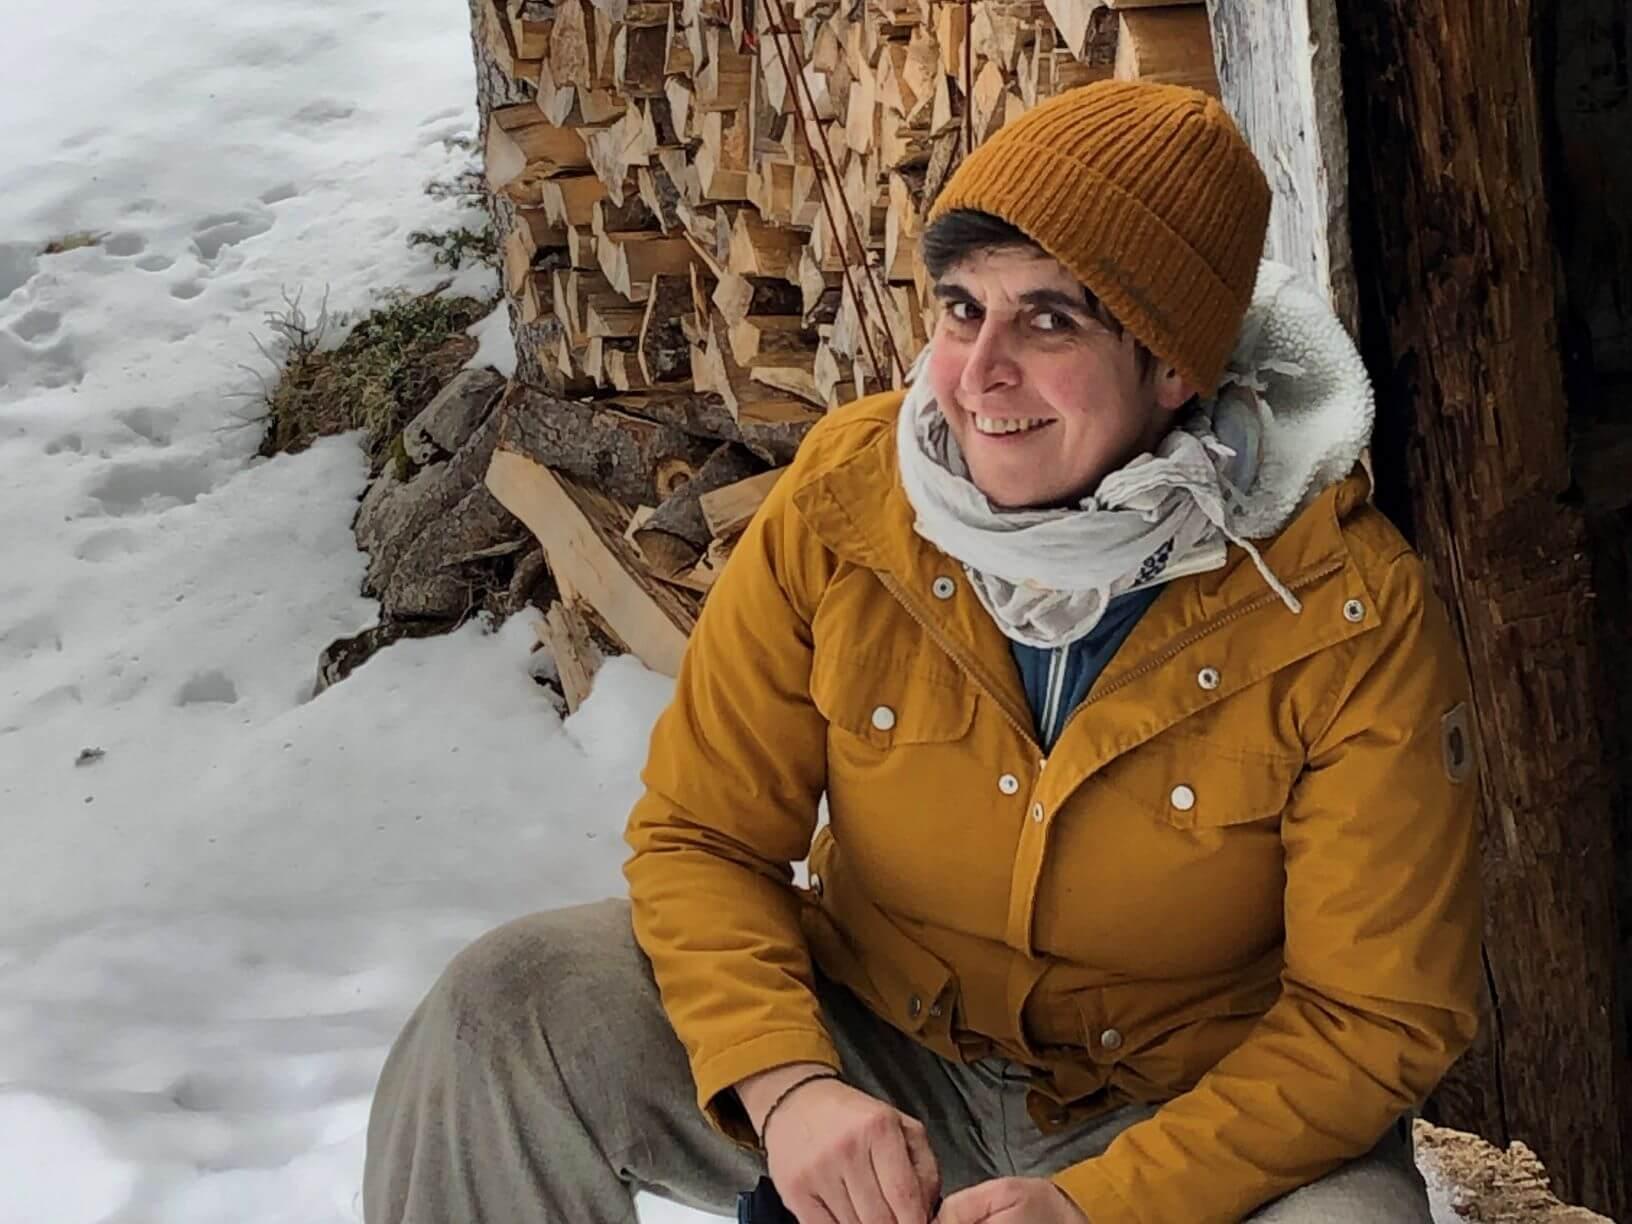 Freilufts Outdoorguide Sandra draußen im Schnee